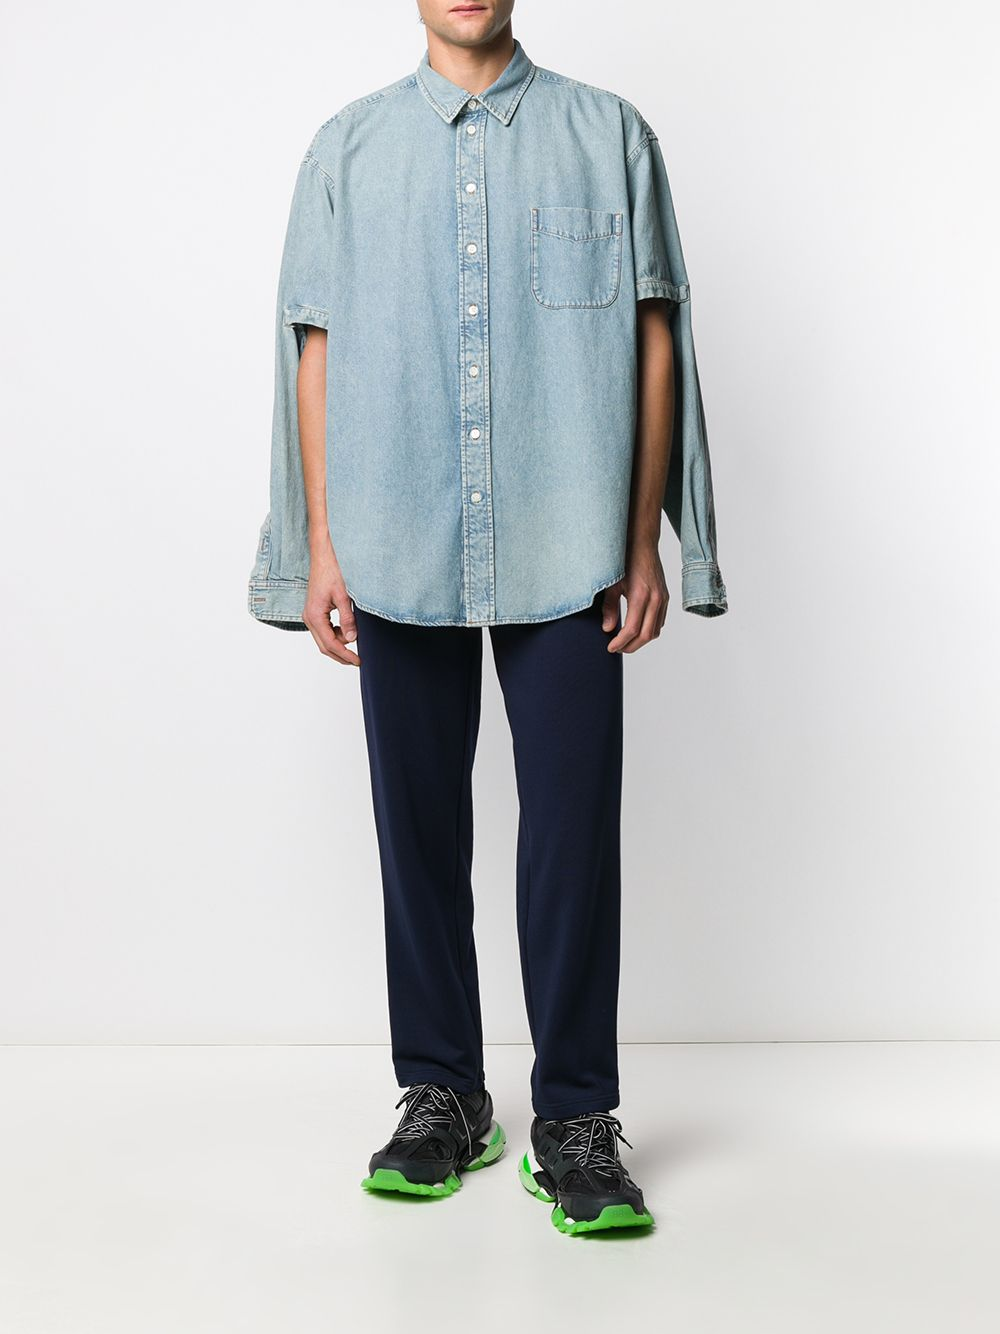 Pantaloni della tuta con banda laterale in misto cotone blu navy BALENCIAGA | Pantaloni | 595007-TGV048502